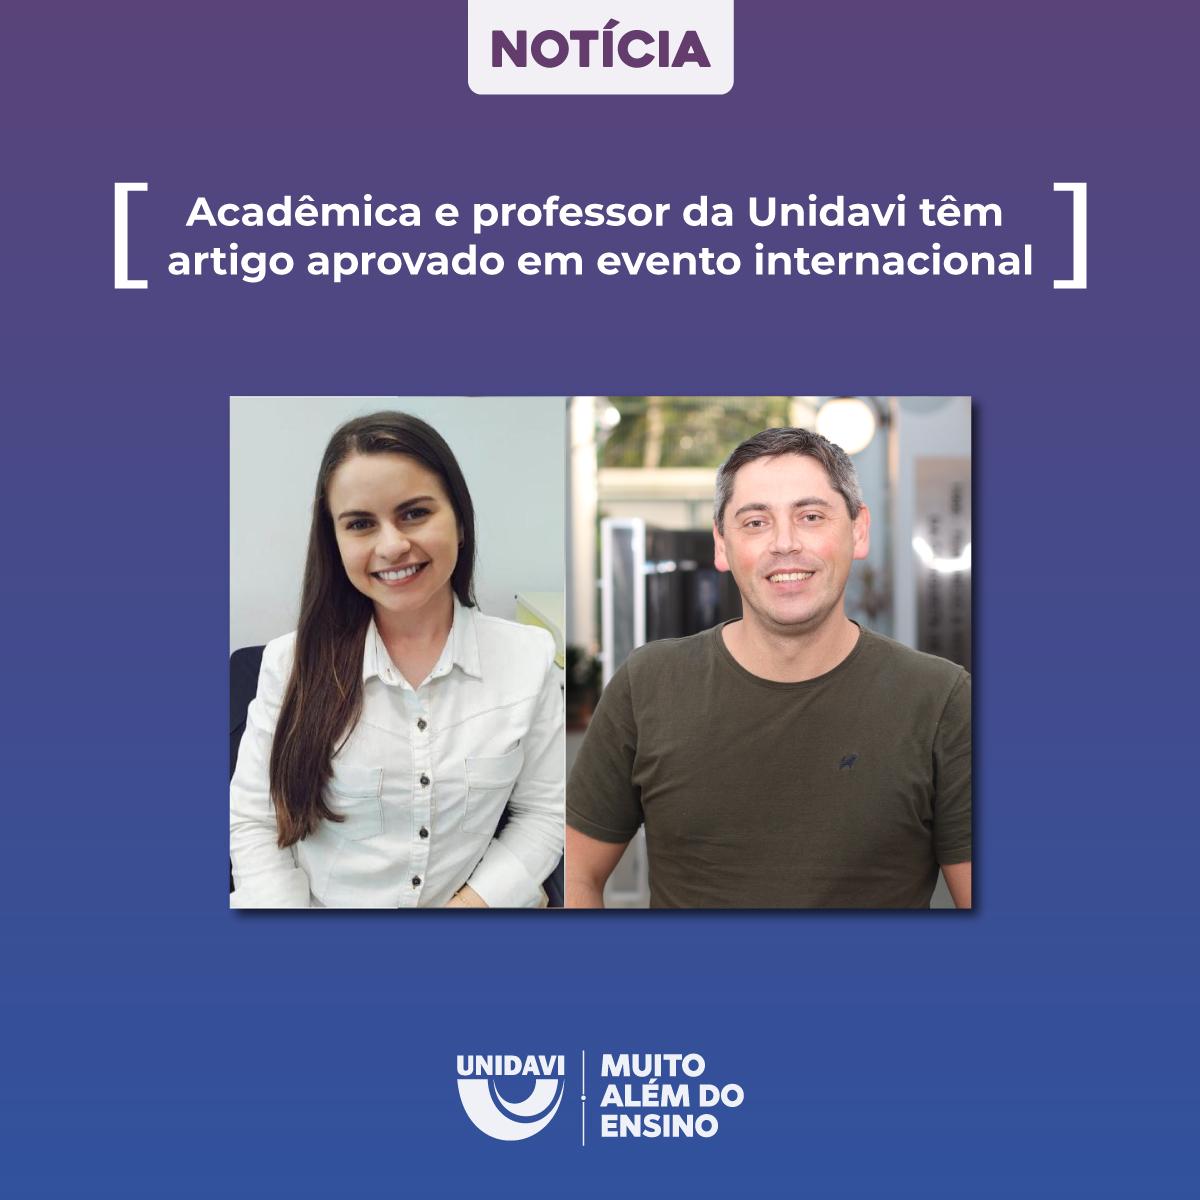 Acadêmica e professor da Unidavi têm artigo aprovado em evento internacional